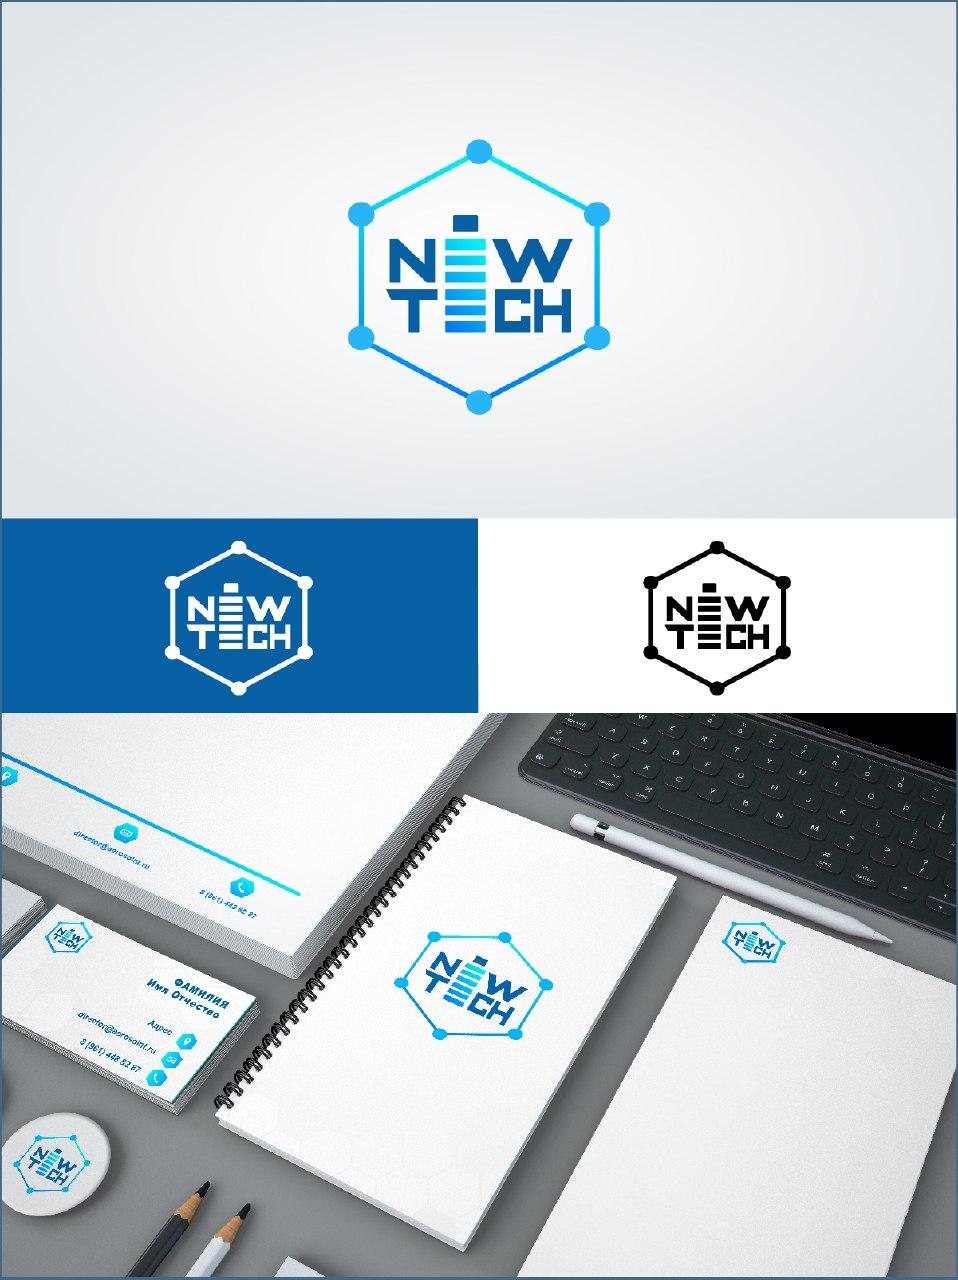 Разработка логотипа и фирменного стиля фото f_8155e86fe251077a.jpg